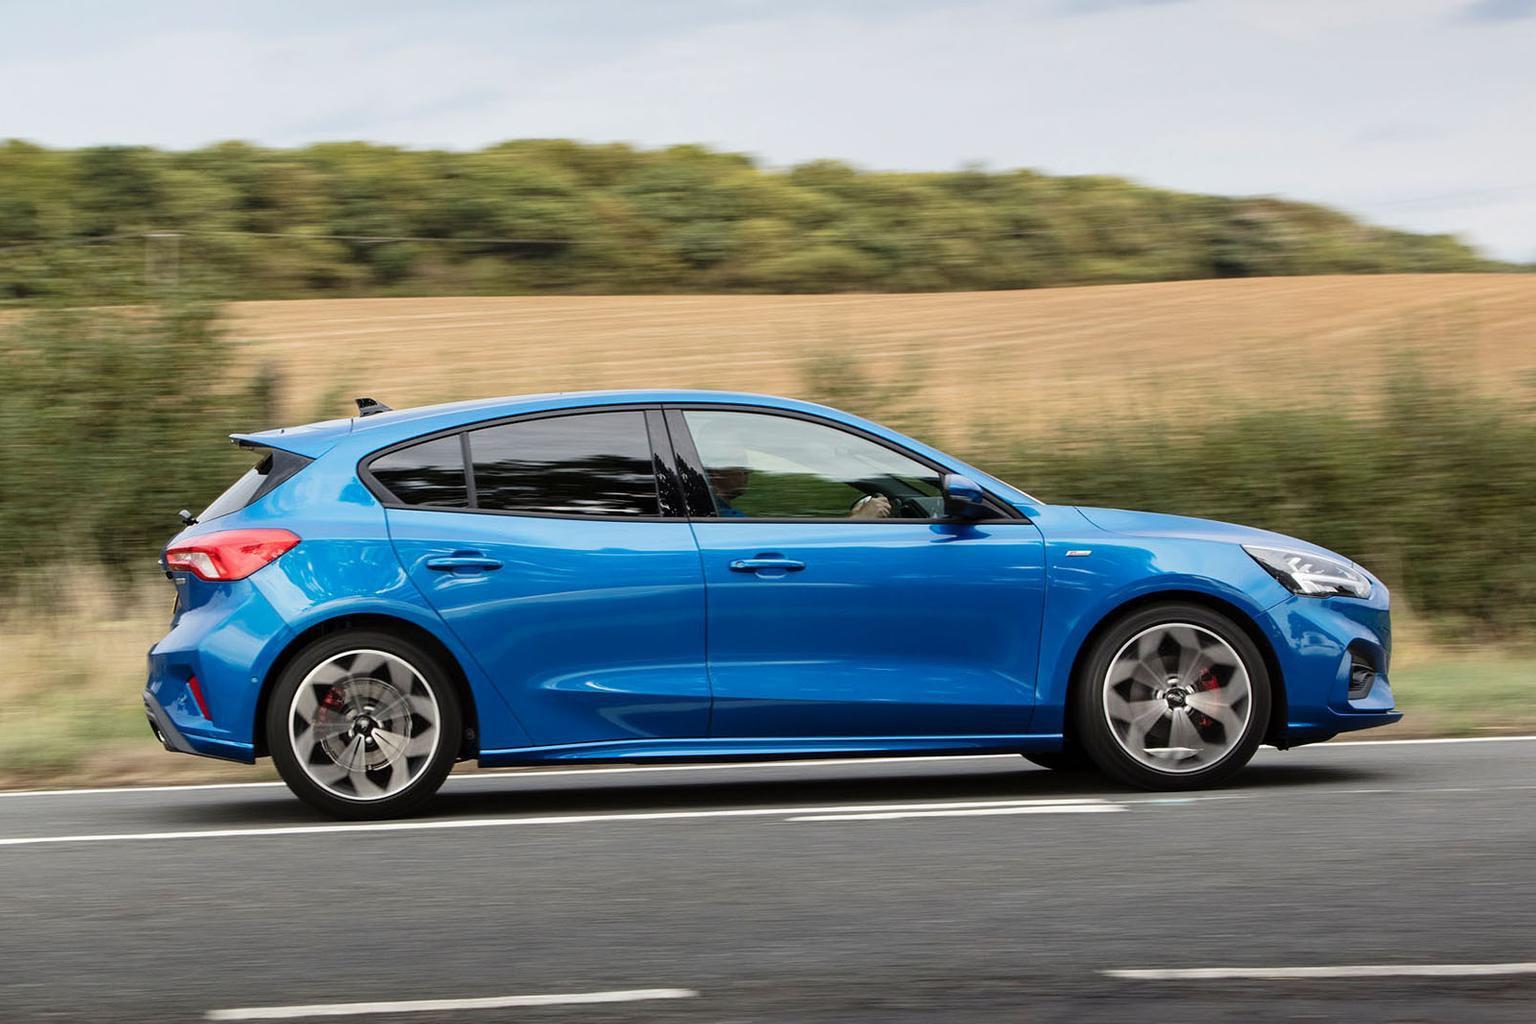 2018 Ford Focus 1.5 TDCI EcoBlue - verdict